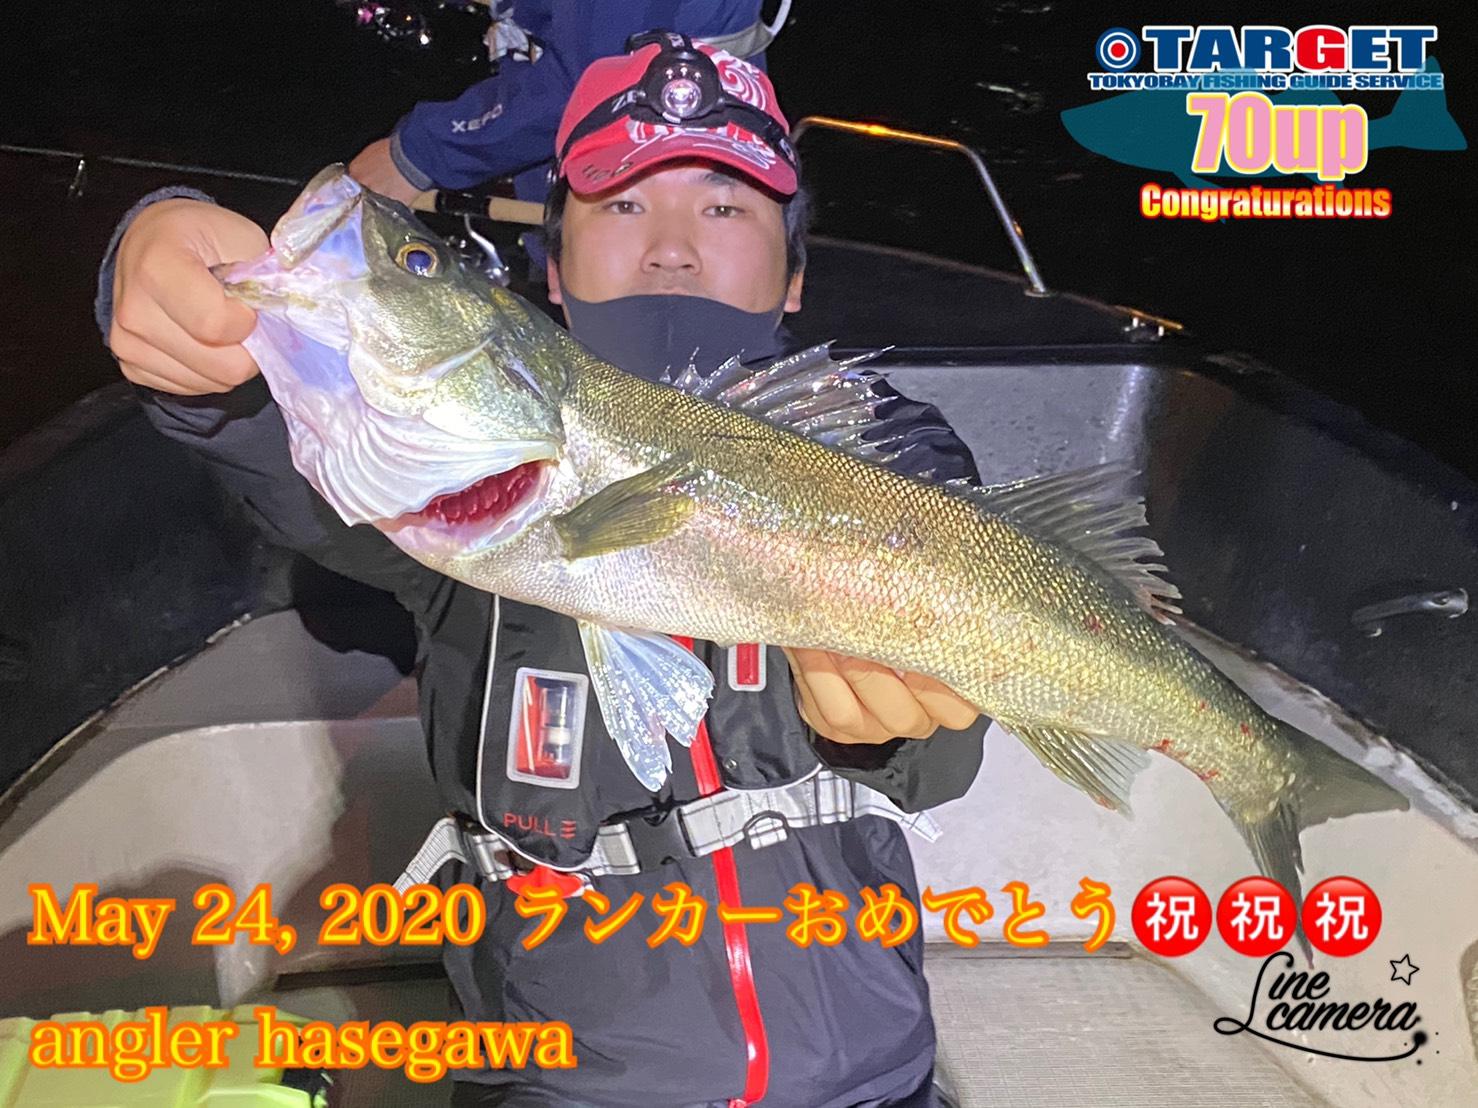 5/24 千葉県東京湾 ランカーシーバス